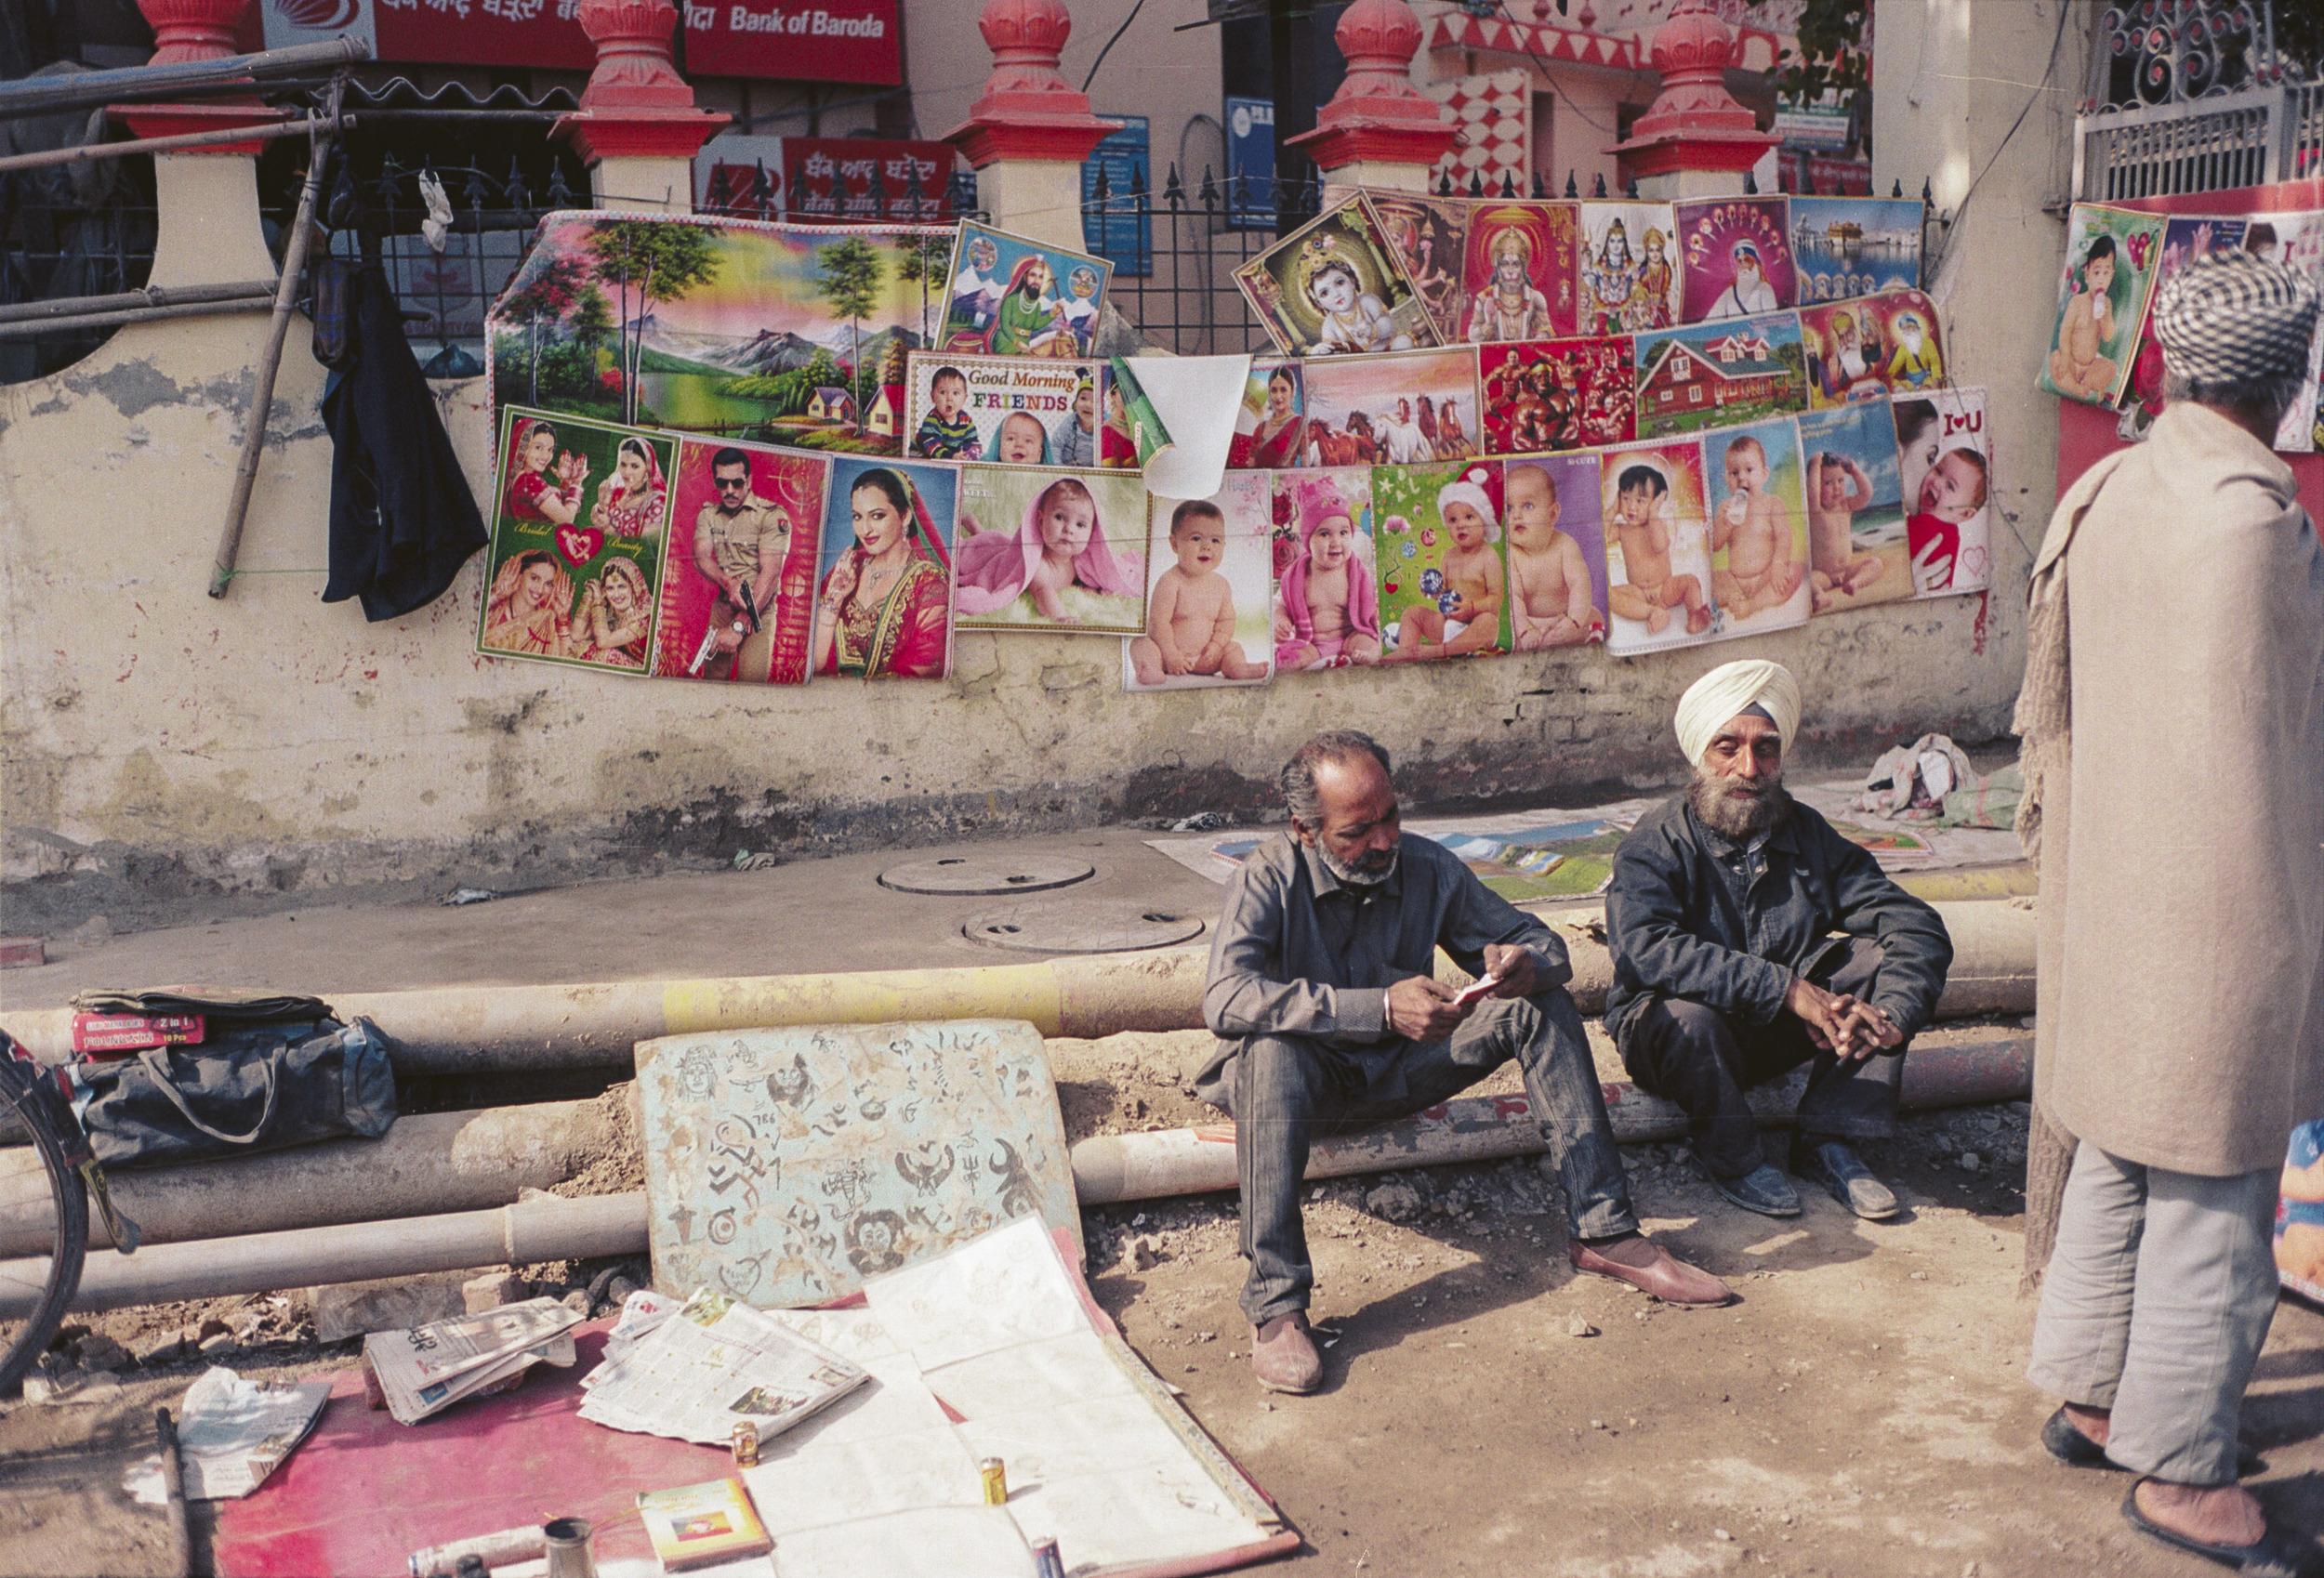 70-F12_Street, Amritsar, India 2016-51.jpg